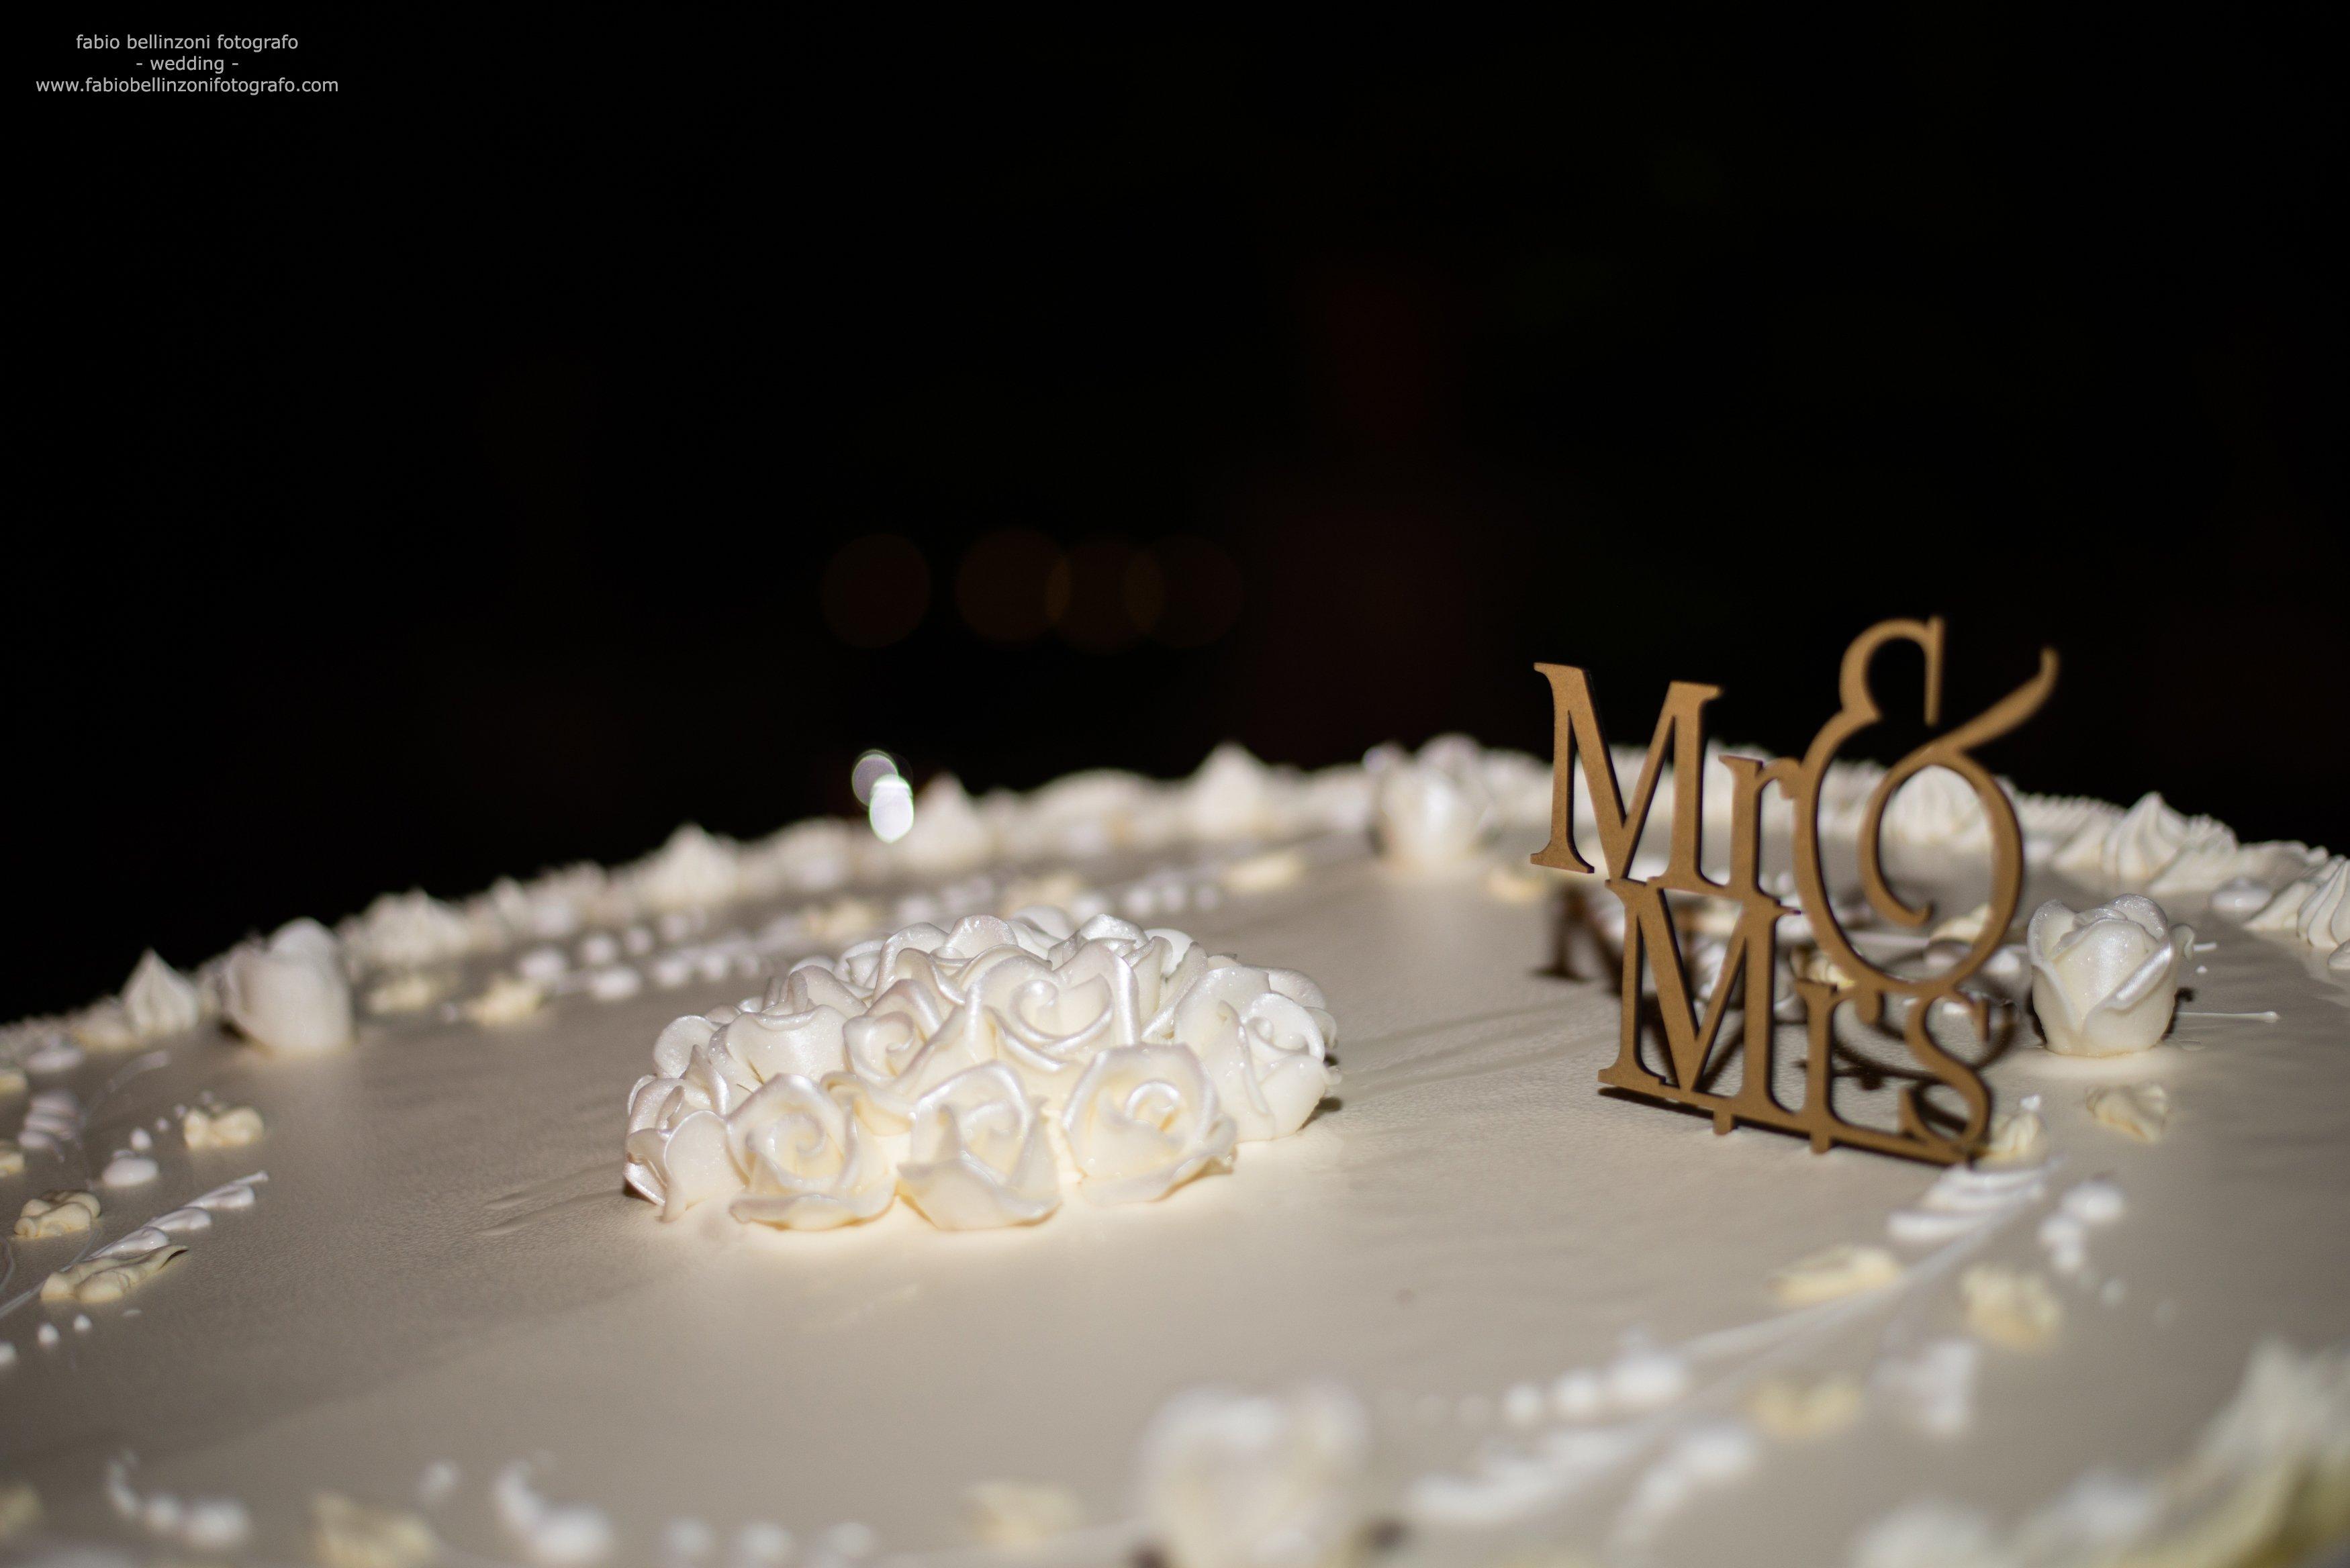 primo piano di una torta matrimoniale